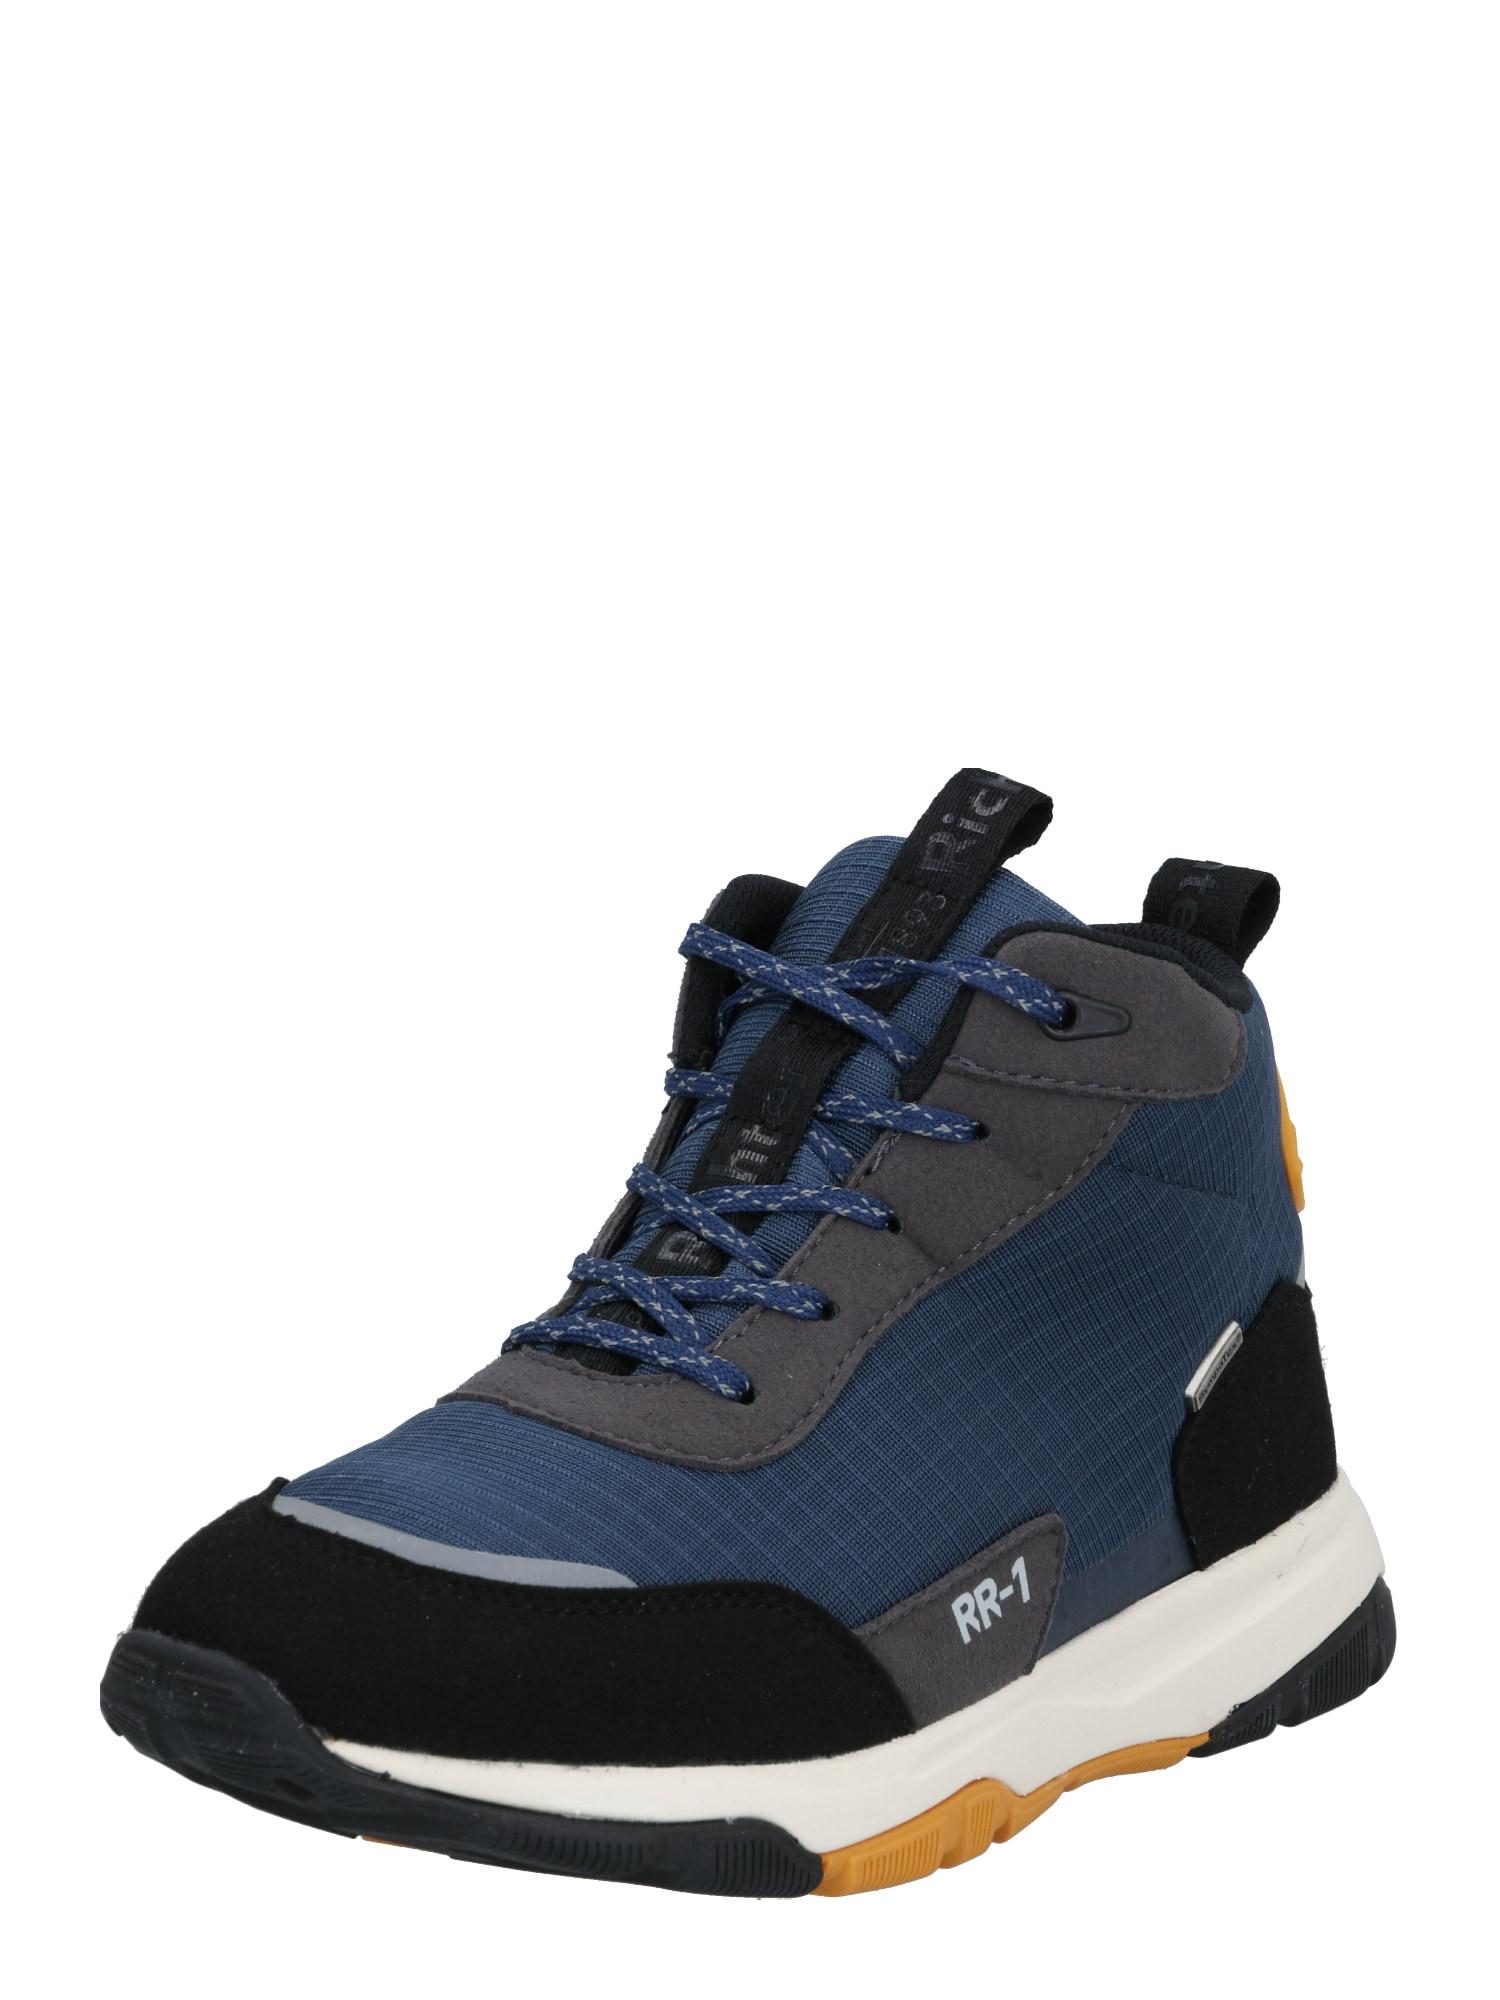 RICHTER Auliniai batai su kulniuku juoda / tamsiai mėlyna / rausvai pilka / oranžinė